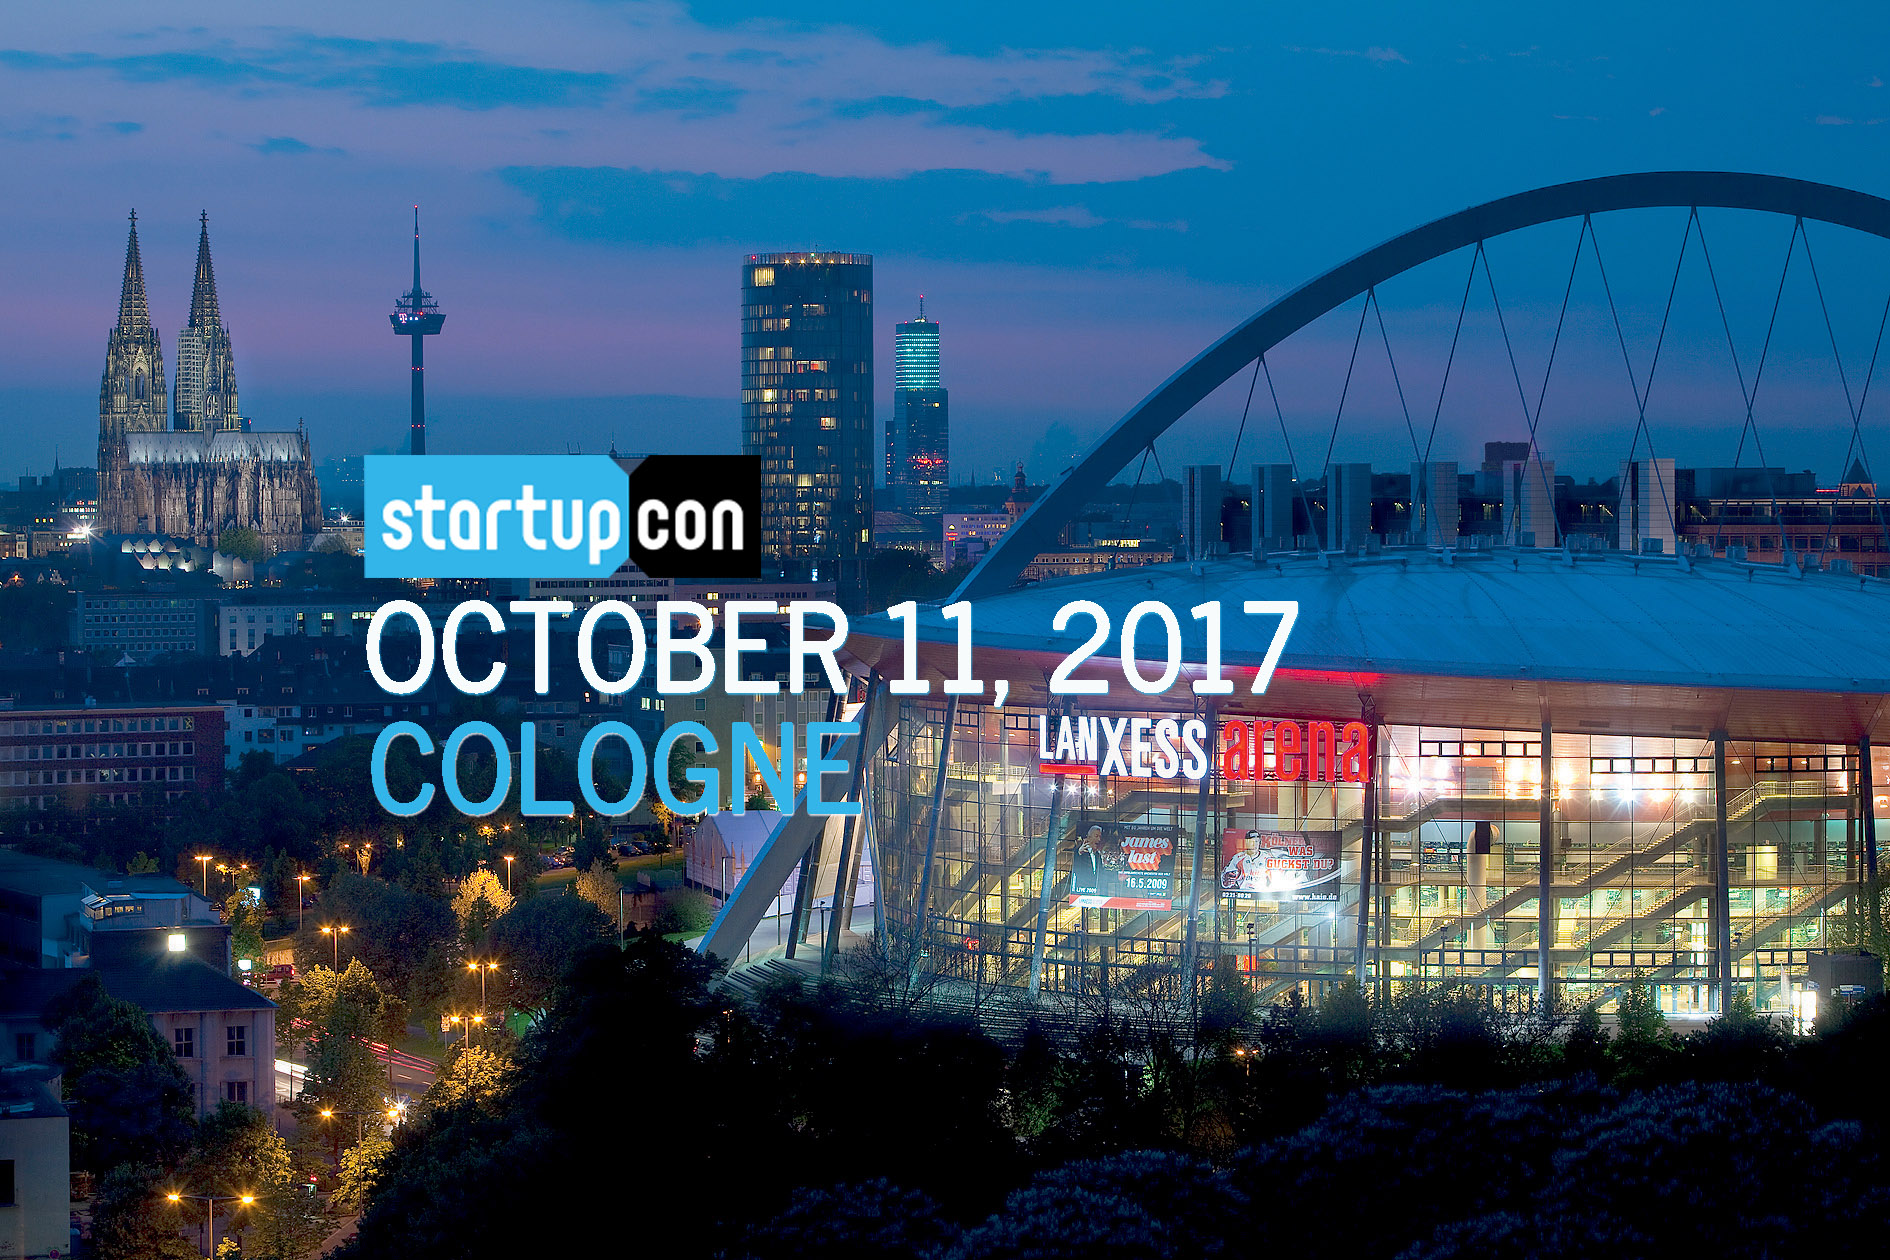 StartupCon Cologne 2017 Startup Event